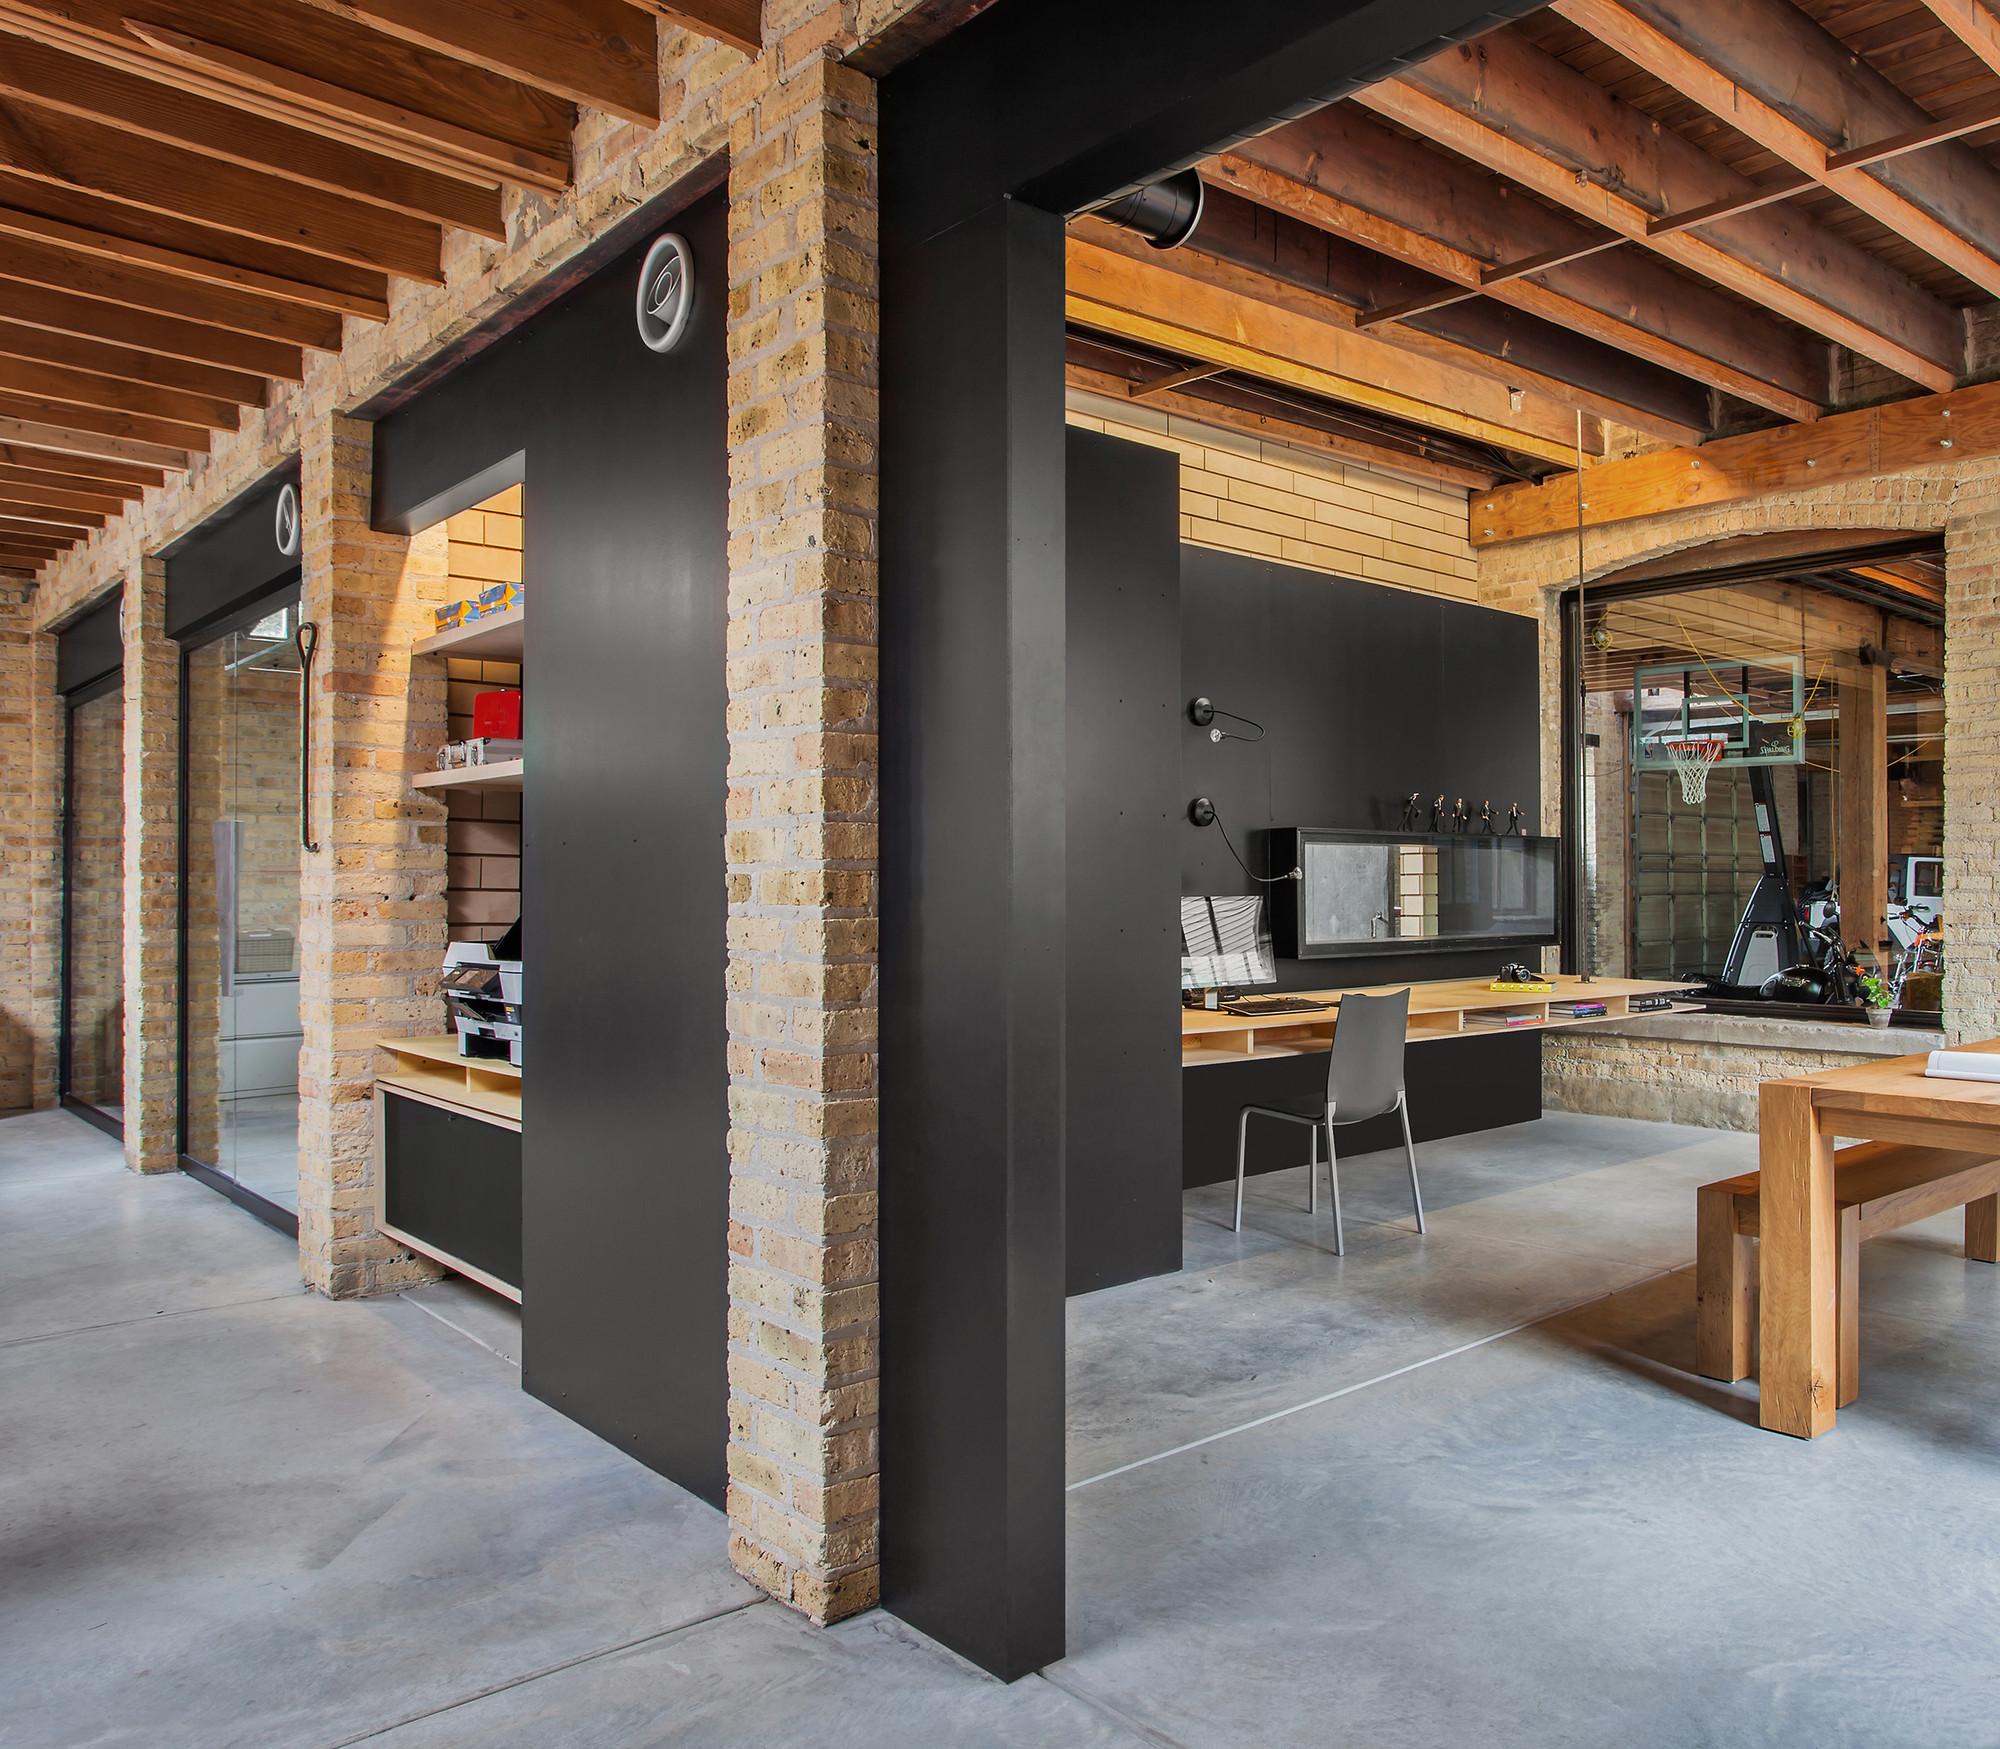 Chicago Modern Architecture Design: Ranquist Development Group Office / Vladimir Radutny